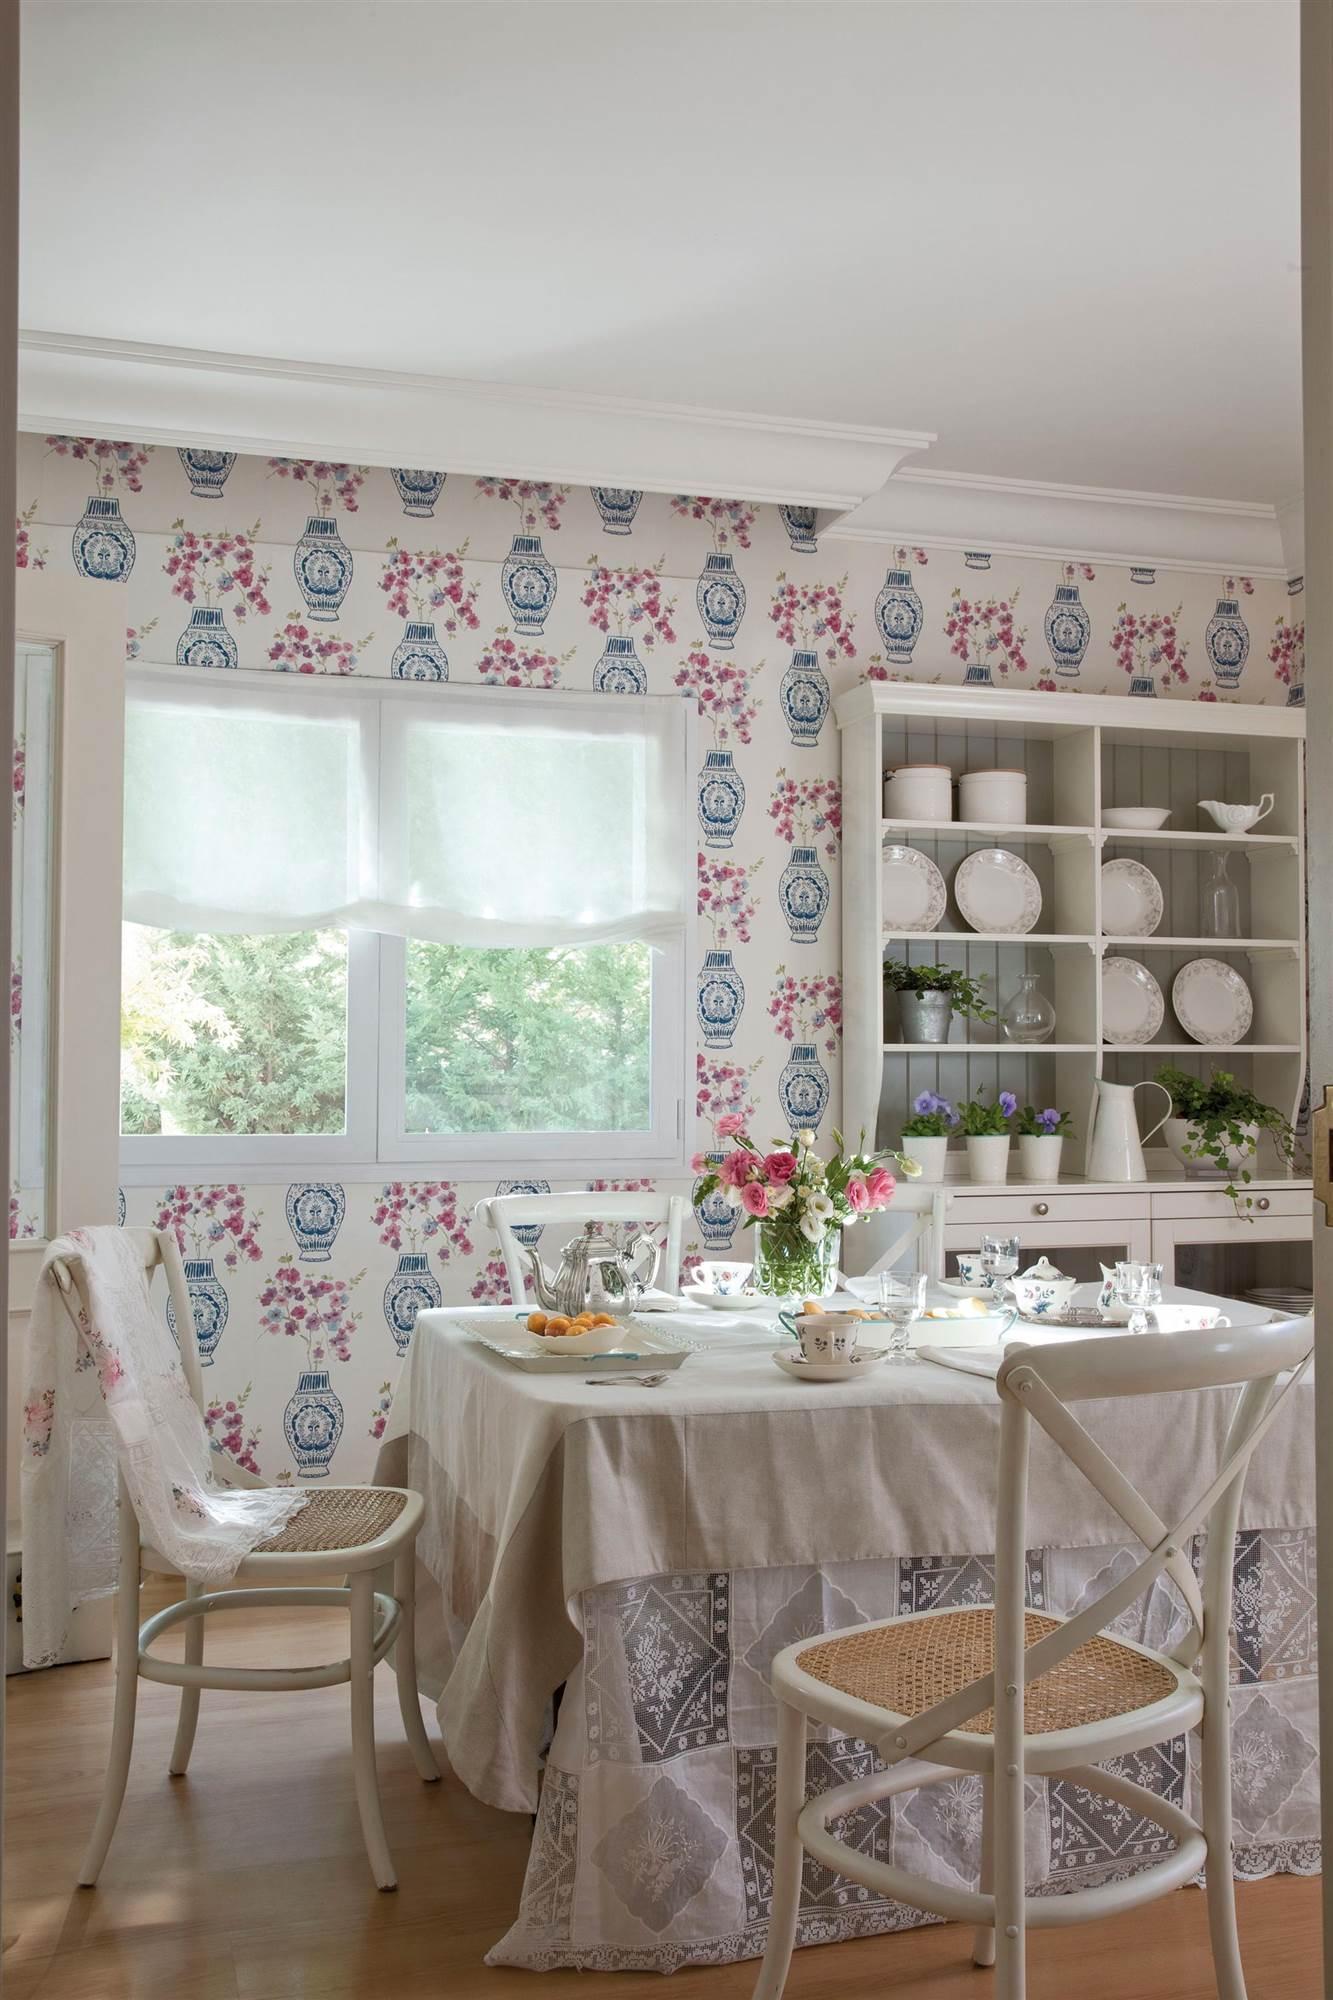 Pintura o papel pintado qu es mejor y pros y contras for Papel pintado vinilico cocina